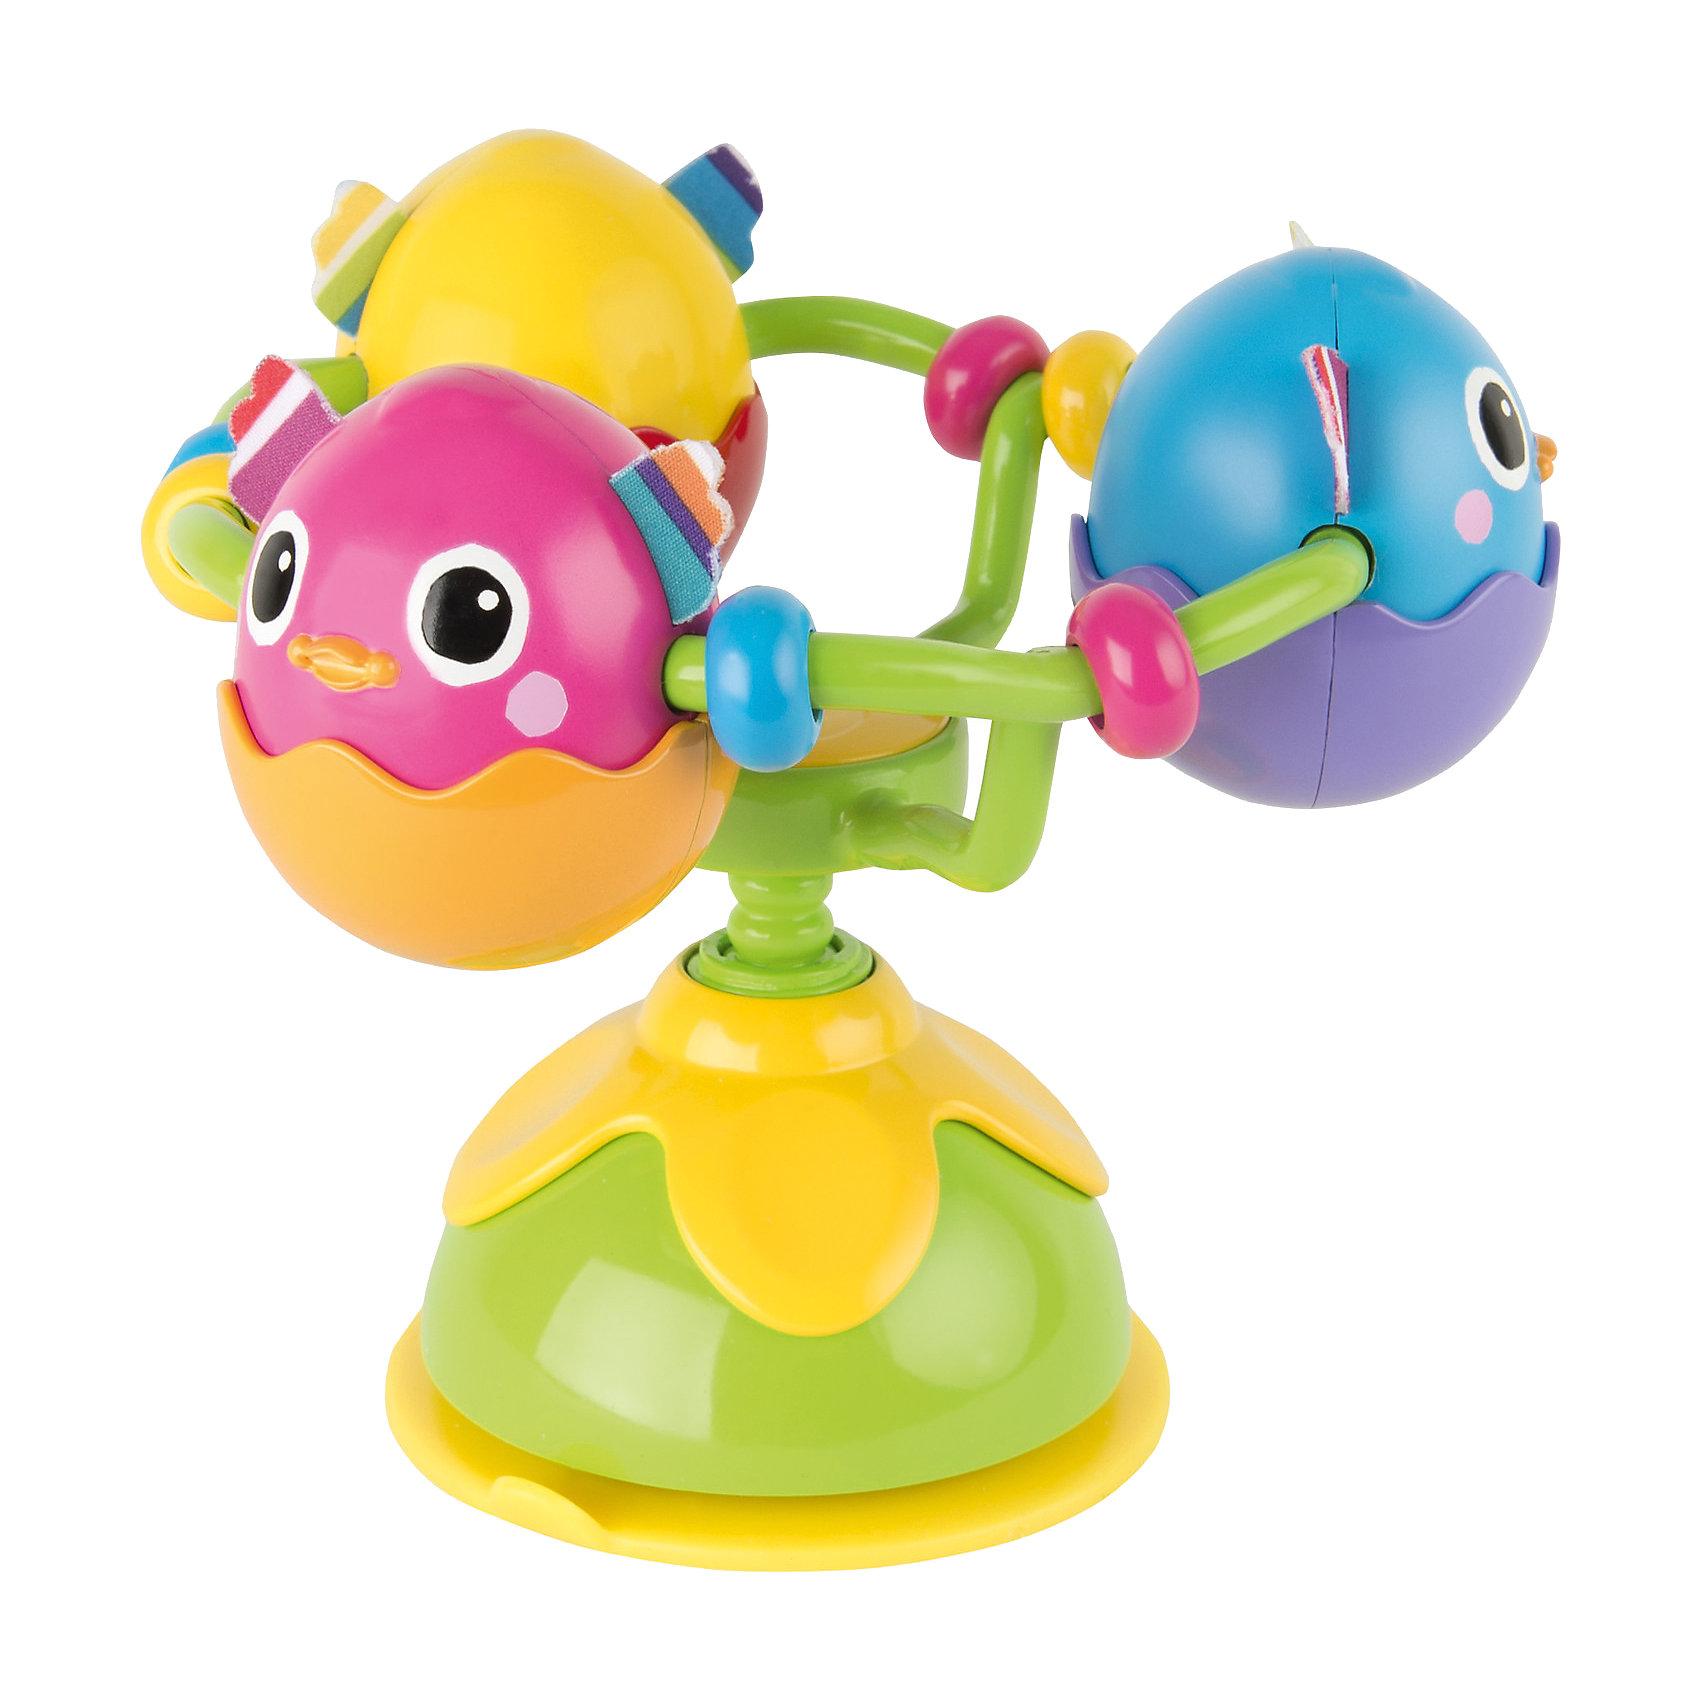 Игрушка с присоской Веселые яички, LamazeВсё для праздника<br>Игрушка с присоской Веселые яички, Lamaze - забавная развивающая игрушка, которая обязательно понравится Вашему малышу. Игрушка выполнена в виде гнезда с тремя яичками, в которых сидят симпатичные разноцветные птенчики. В основании гнезда имеется мощная присоска, благодаря чему игрушку можно надежно прикрепить к любой поверхности - кроватке ребенка, стульчику для кормления, коляске или к стенке в ванной. Каждый птенчик оформлен в ярких цветах, с шуршащими текстильными  крылышки, что стимулирует развитие тактильных и сенсорных навыков ребенка. Яички с птенцами вращаются на 360° градусов и при повороте издают забавные звуки птичьего щебетанья. Игрушка способствует развитию воображения и познавательной активности, учит причинно-следственным связям, тренирует мелкую моторику.<br><br>Дополнительная информация:<br><br>- Материал: пластик, текстиль.<br>- Размер игрушки: 8,9 x 24,1 x 9,5 см.<br>- Вес: 191 гр.<br><br>Игрушку с присоской Веселые яички, Lamaze, можно купить в нашем интернет-магазине.<br><br>Ширина мм: 240<br>Глубина мм: 187<br>Высота мм: 187<br>Вес г: 326<br>Возраст от месяцев: 6<br>Возраст до месяцев: 24<br>Пол: Унисекс<br>Возраст: Детский<br>SKU: 3965942